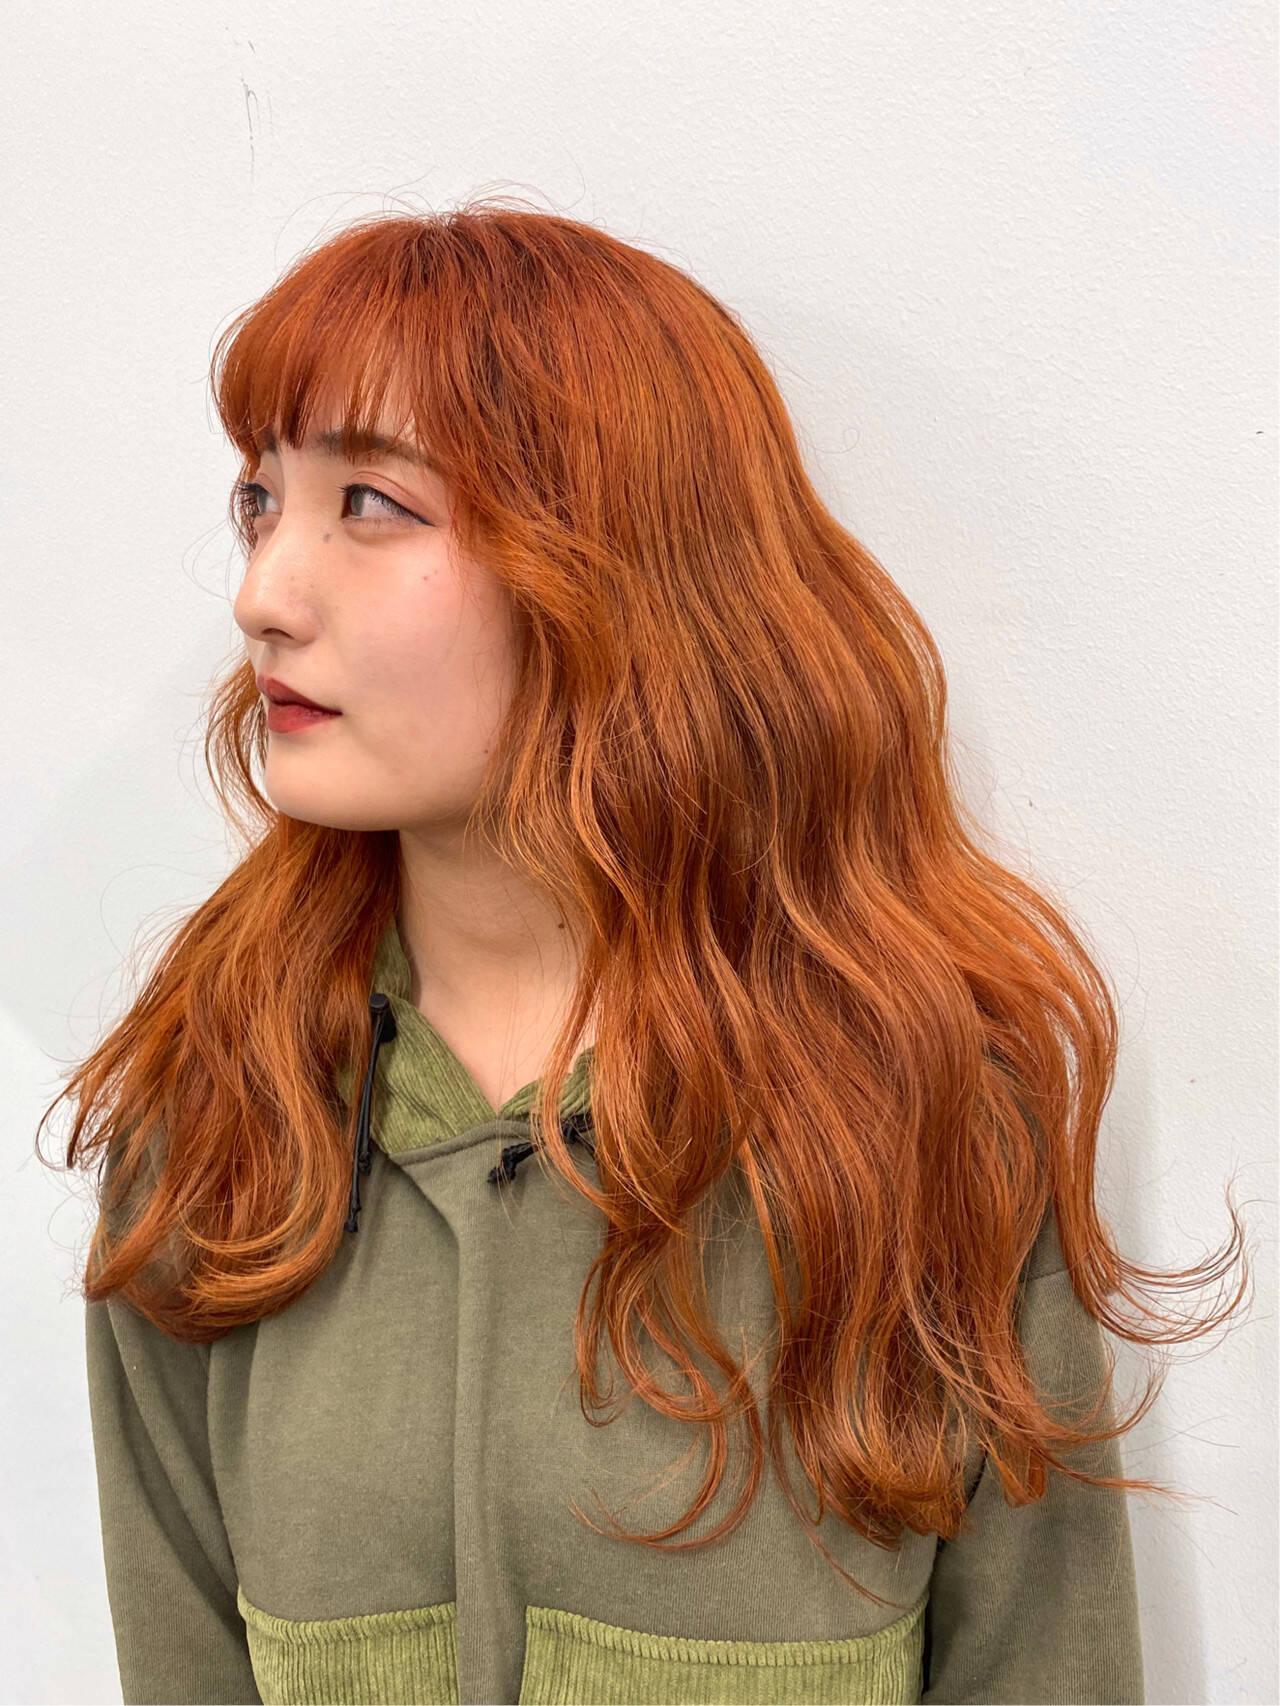 アプリコットオレンジ ロング オレンジカラー モテ髪ヘアスタイルや髪型の写真・画像